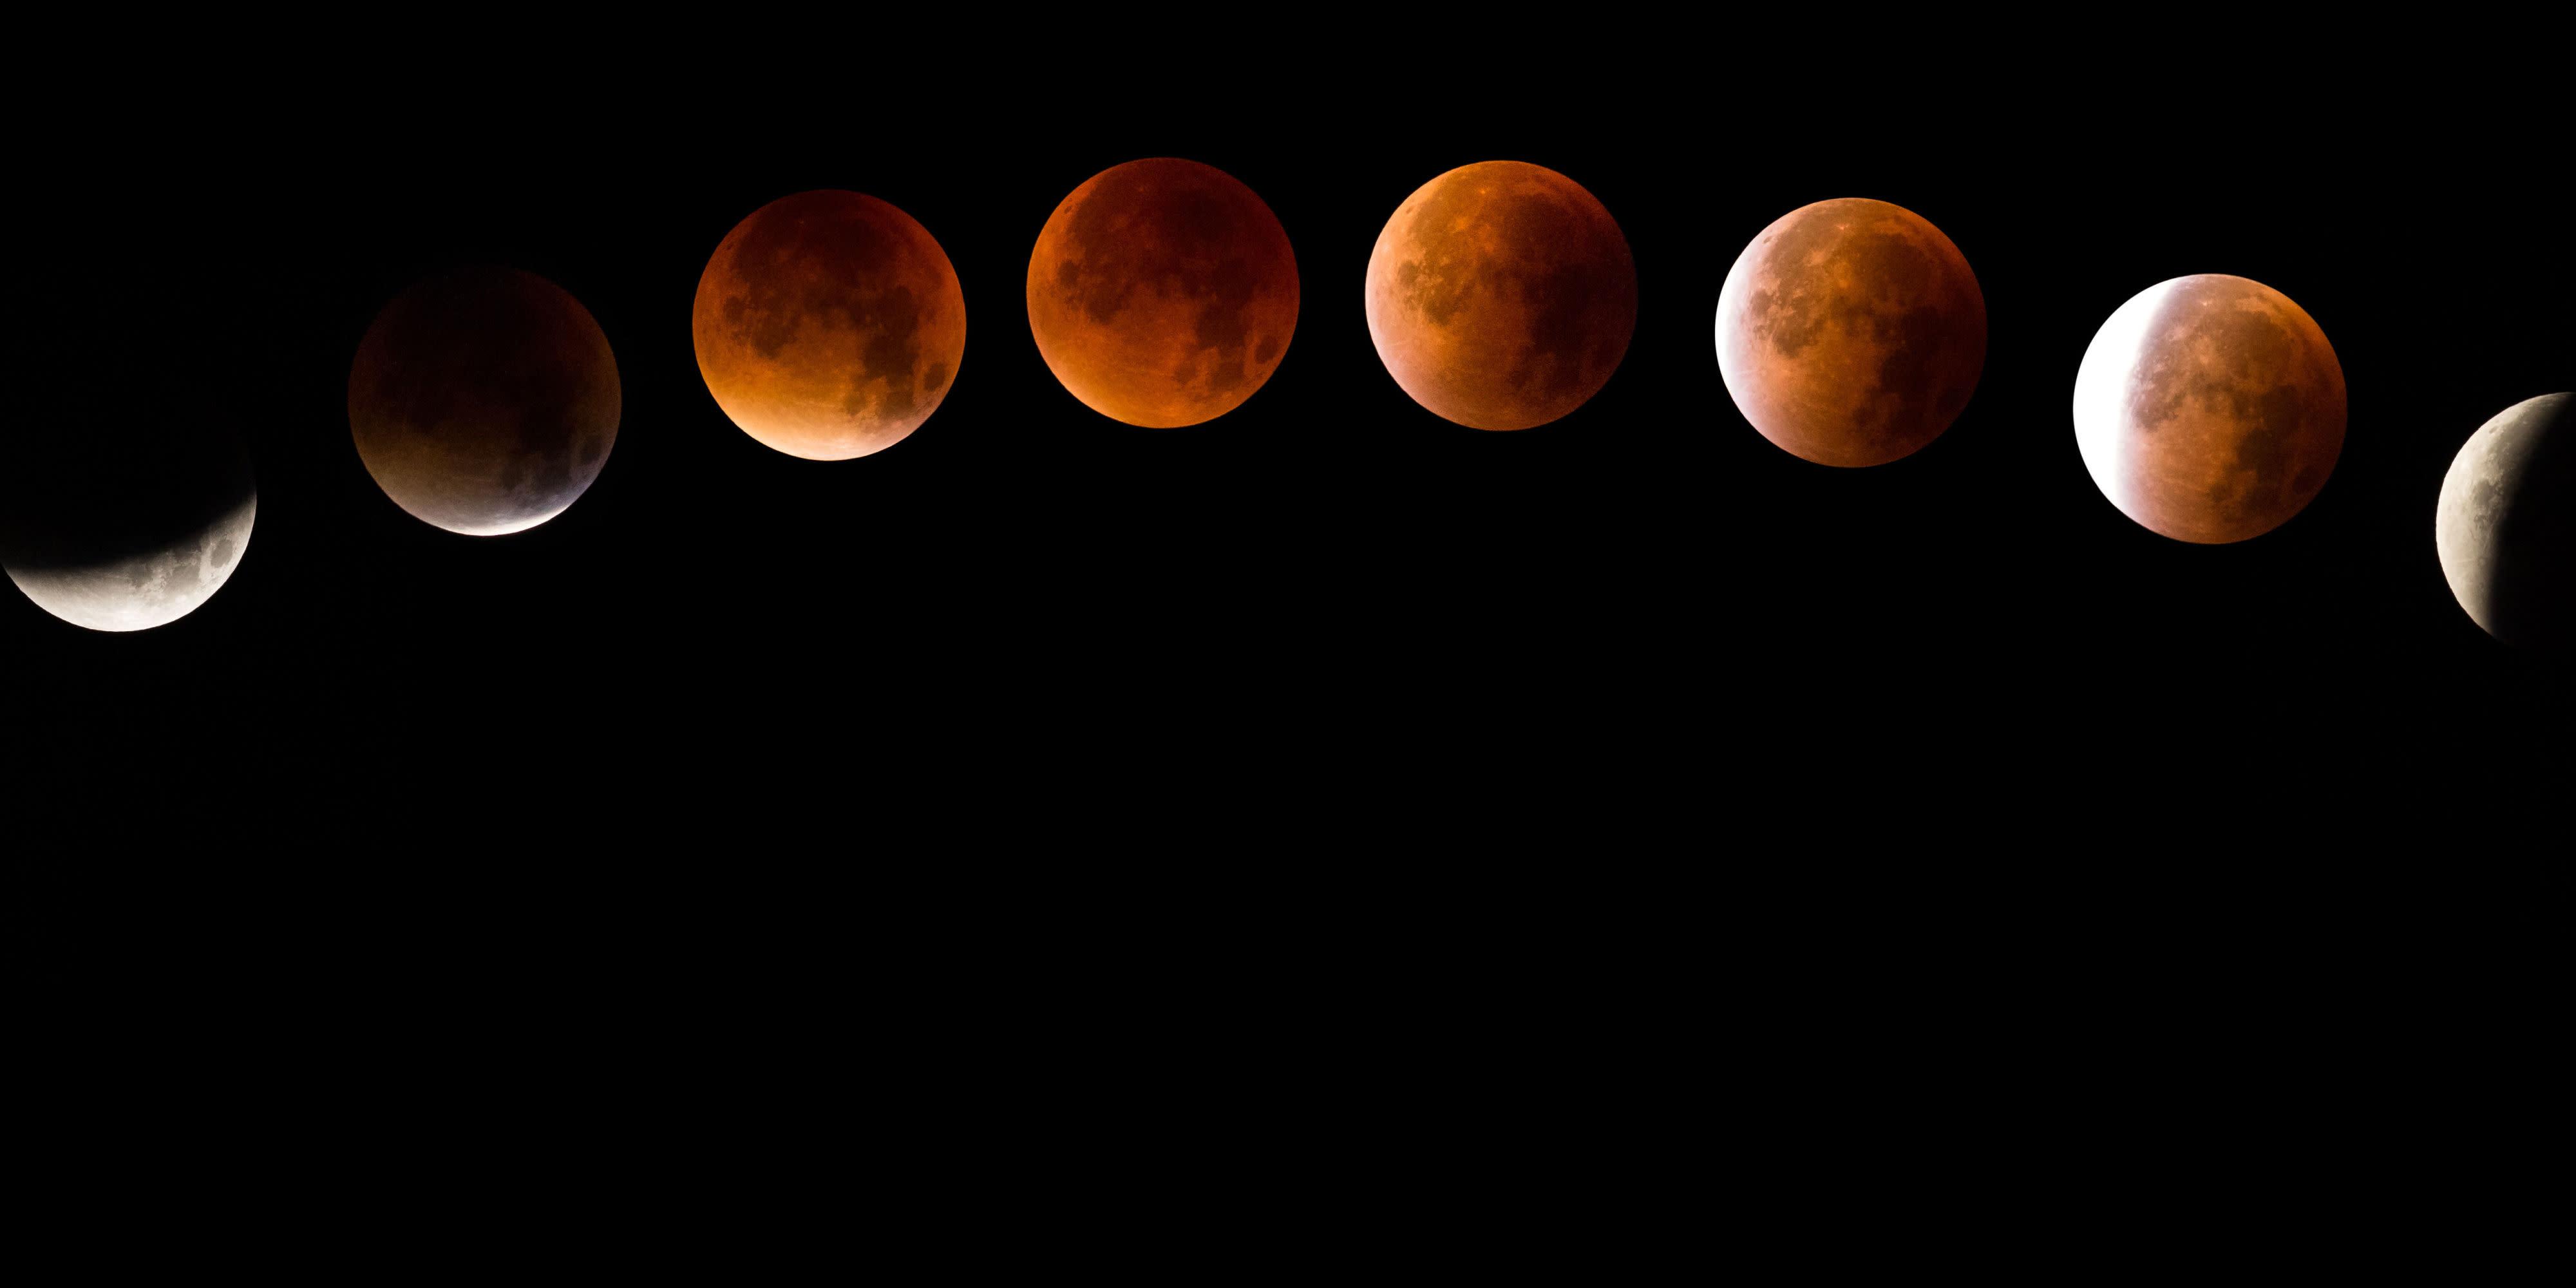 blood moon january 2019 peak time - photo #17